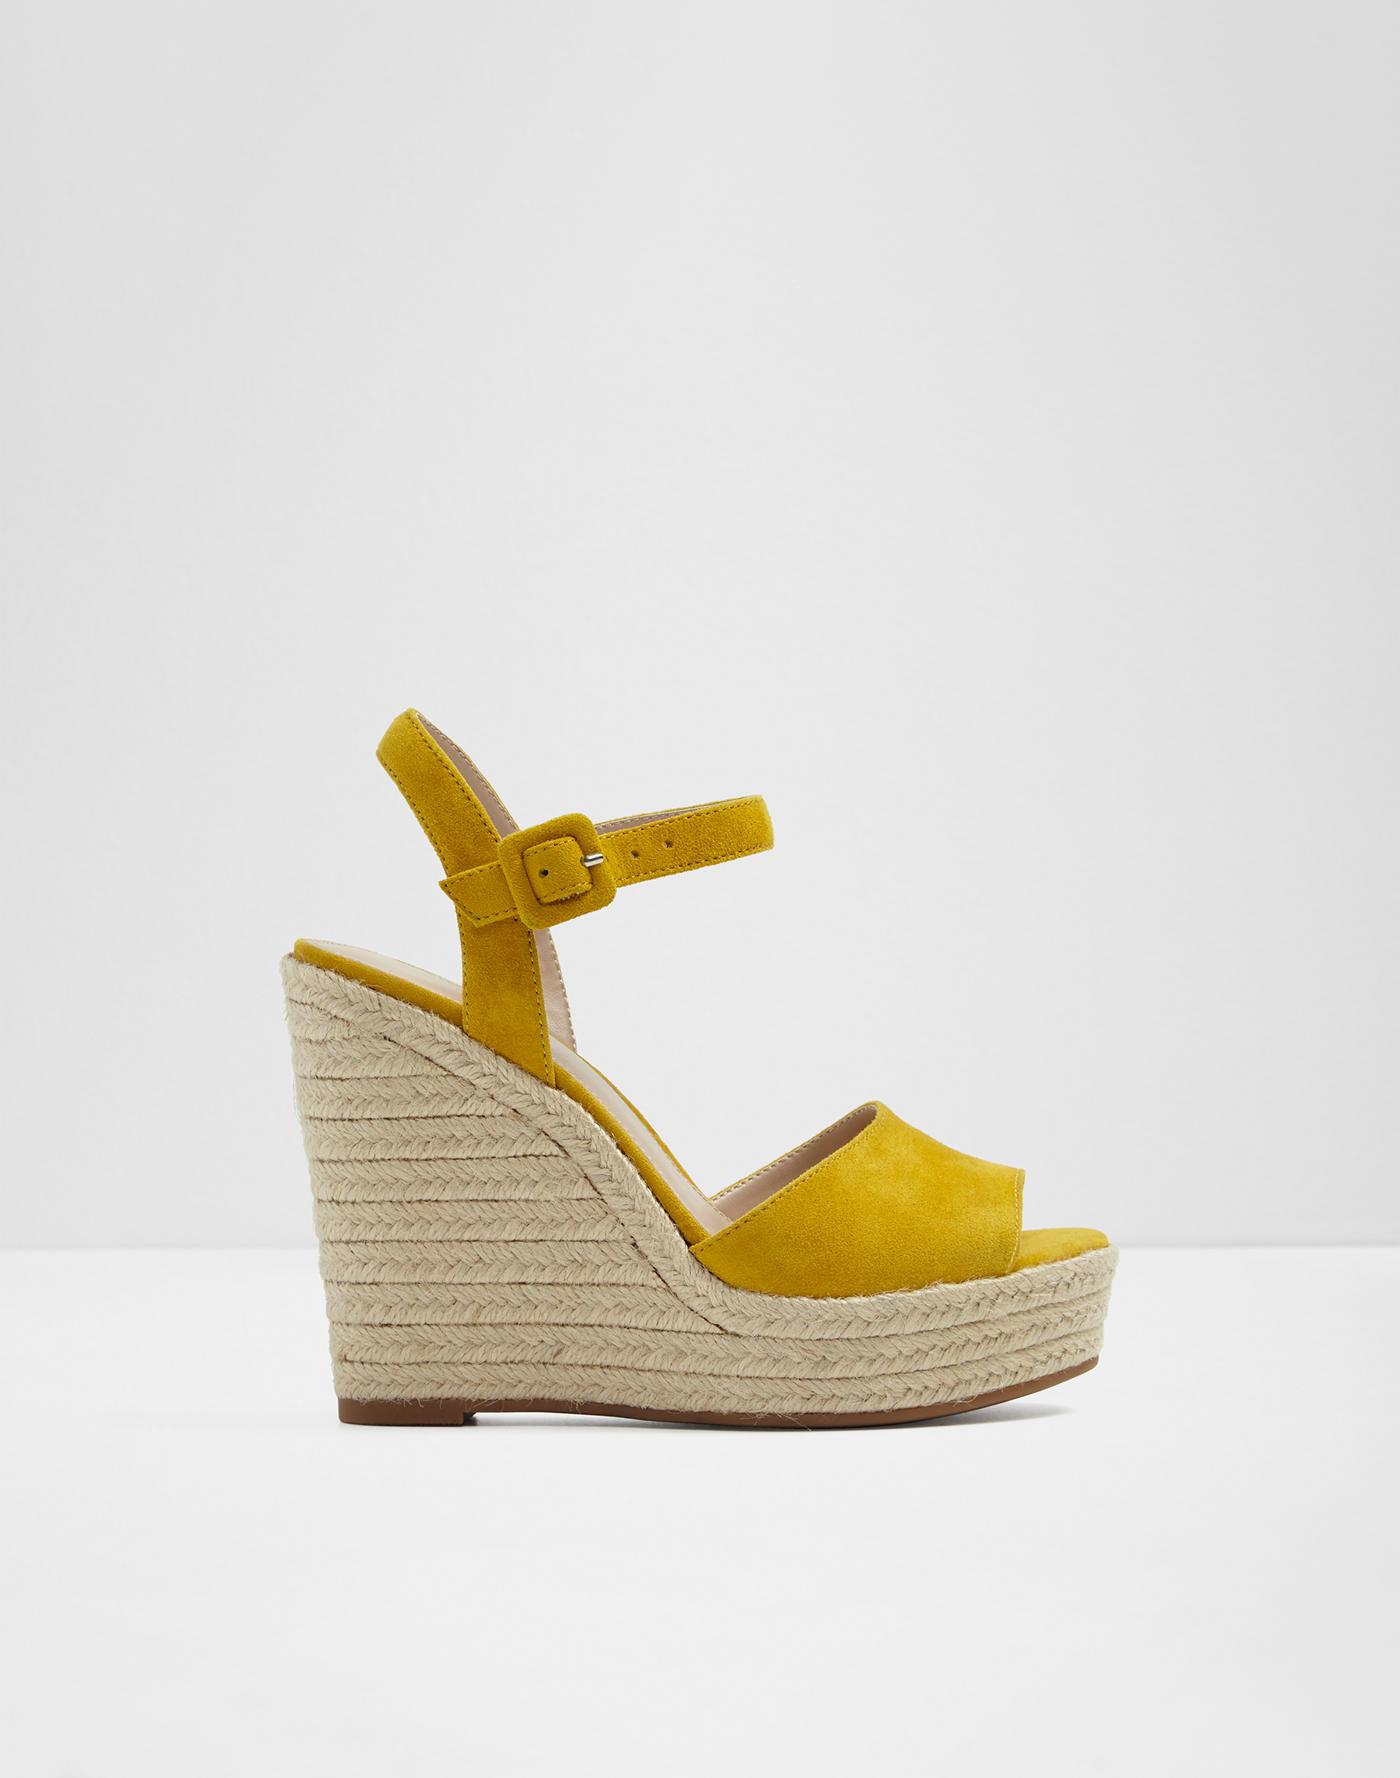 71a80f674fec Wedge sandals